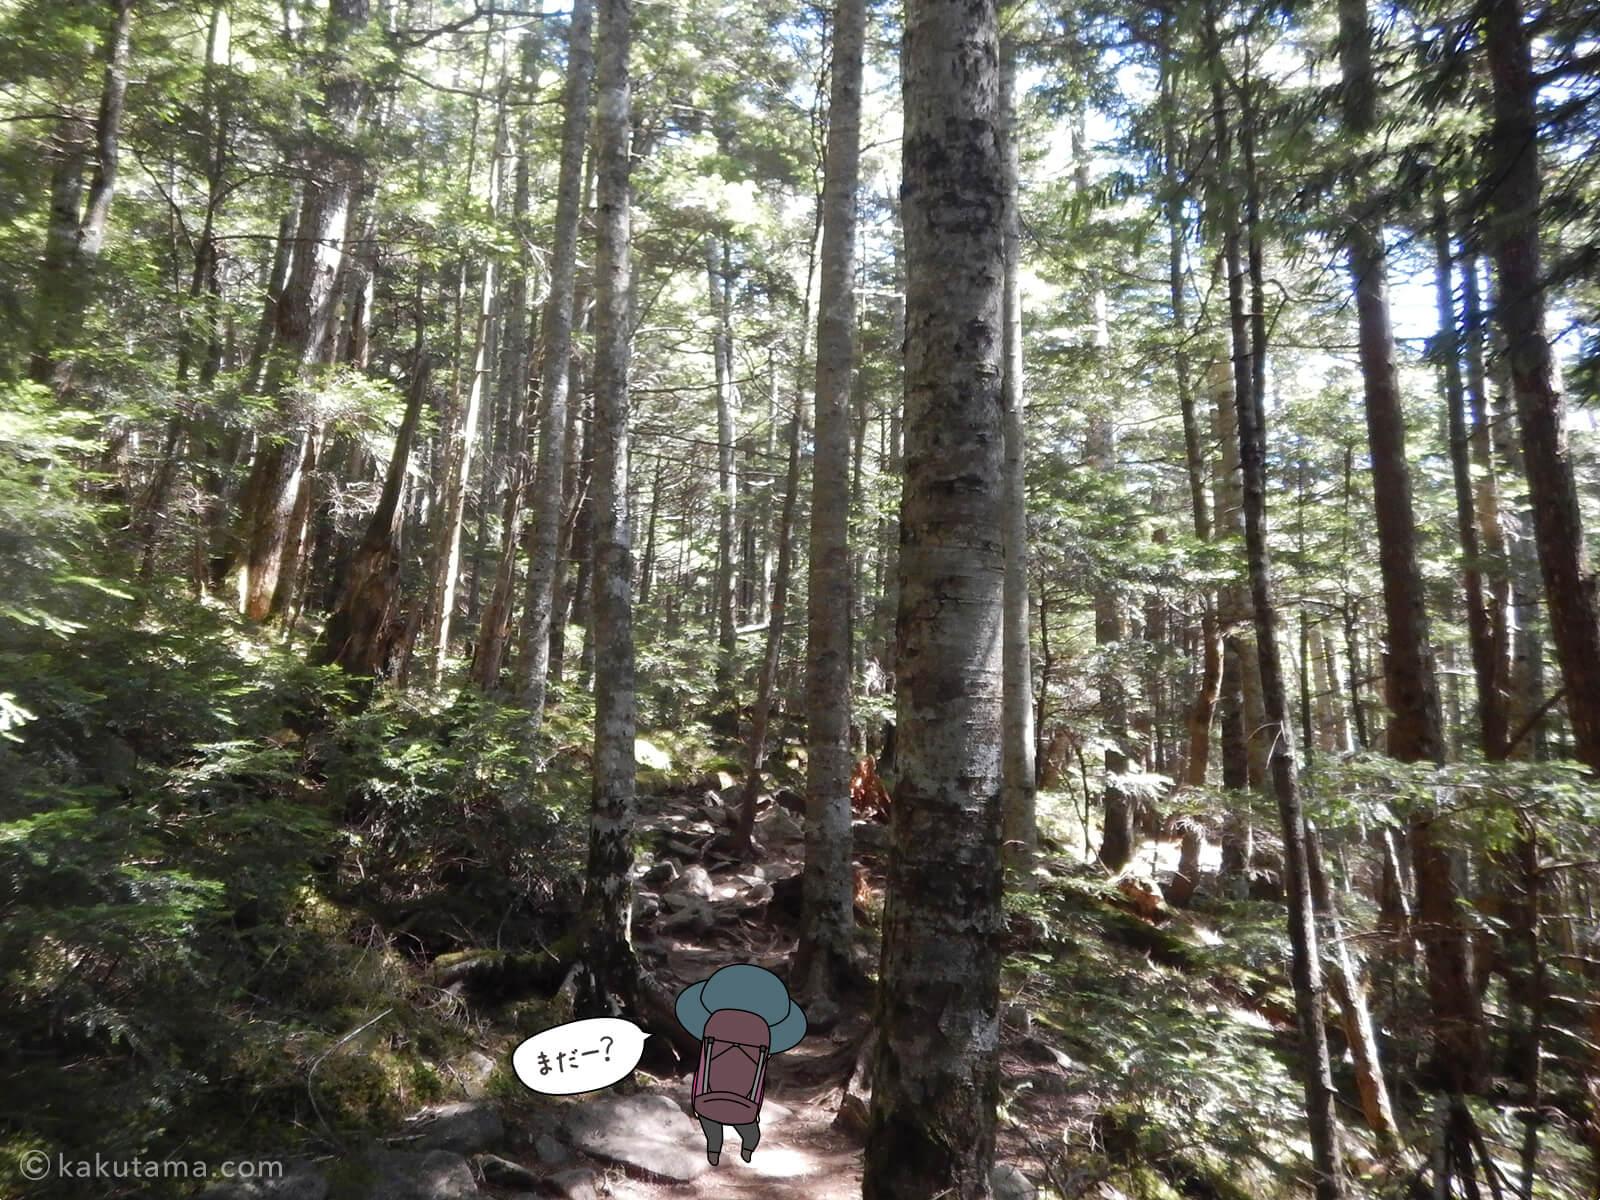 鷹見岩との分岐から大日小屋へ進む2